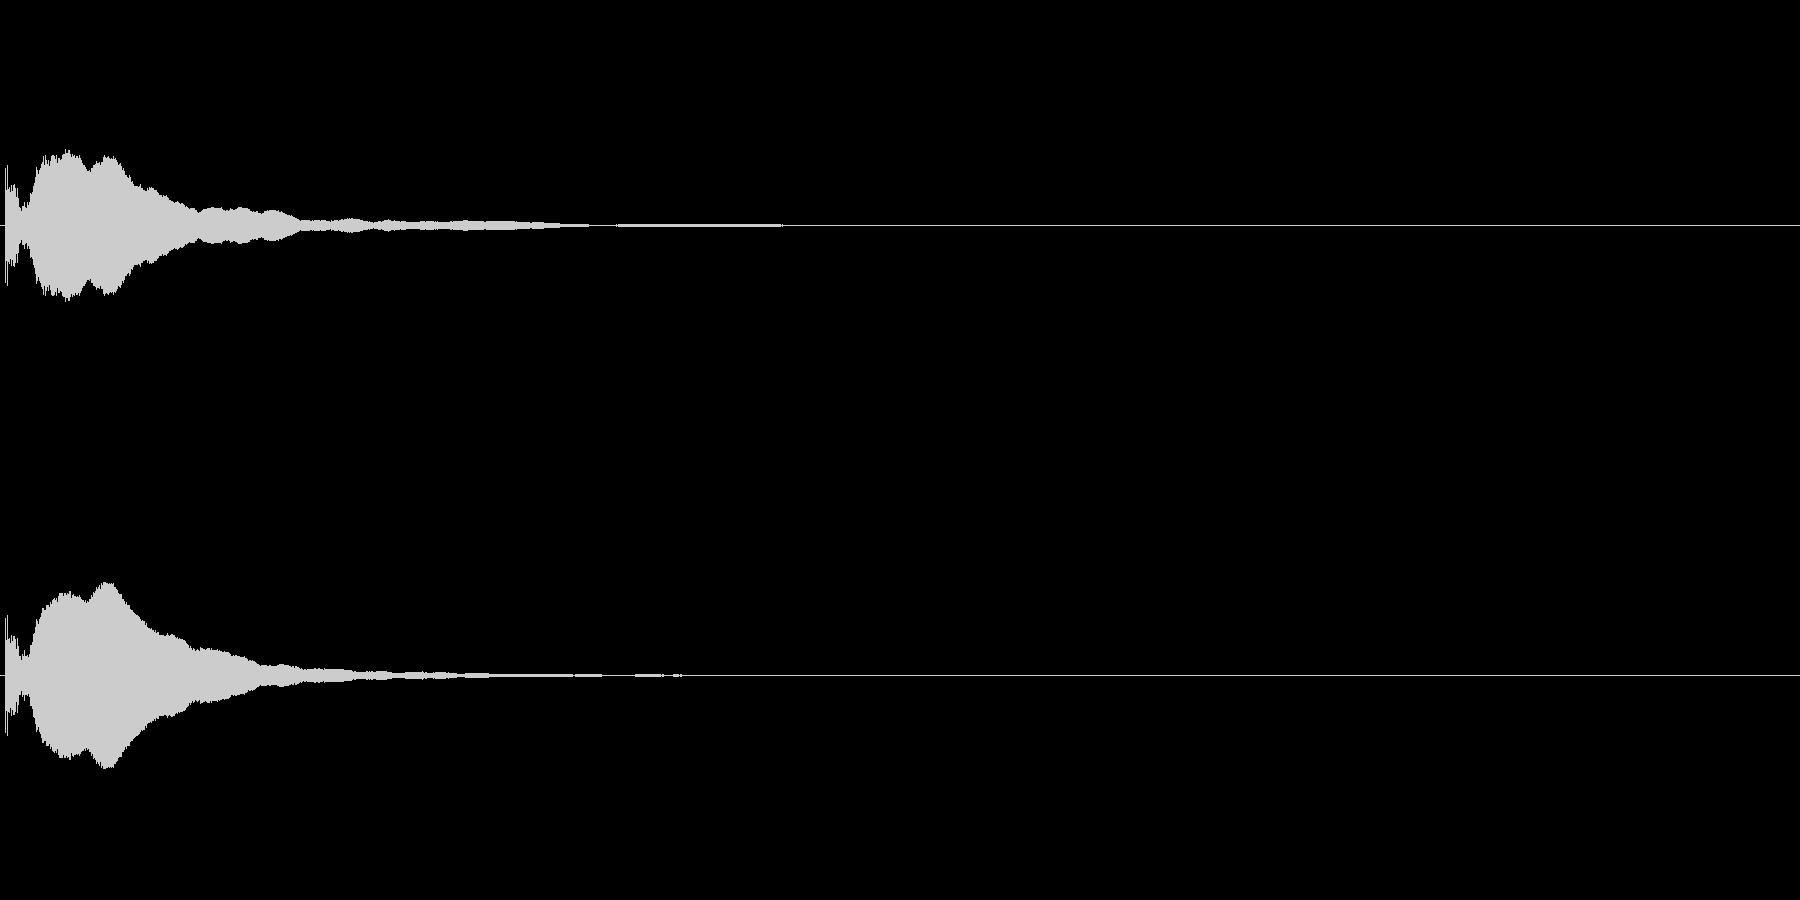 コン (テロップ/クリックする音)の未再生の波形